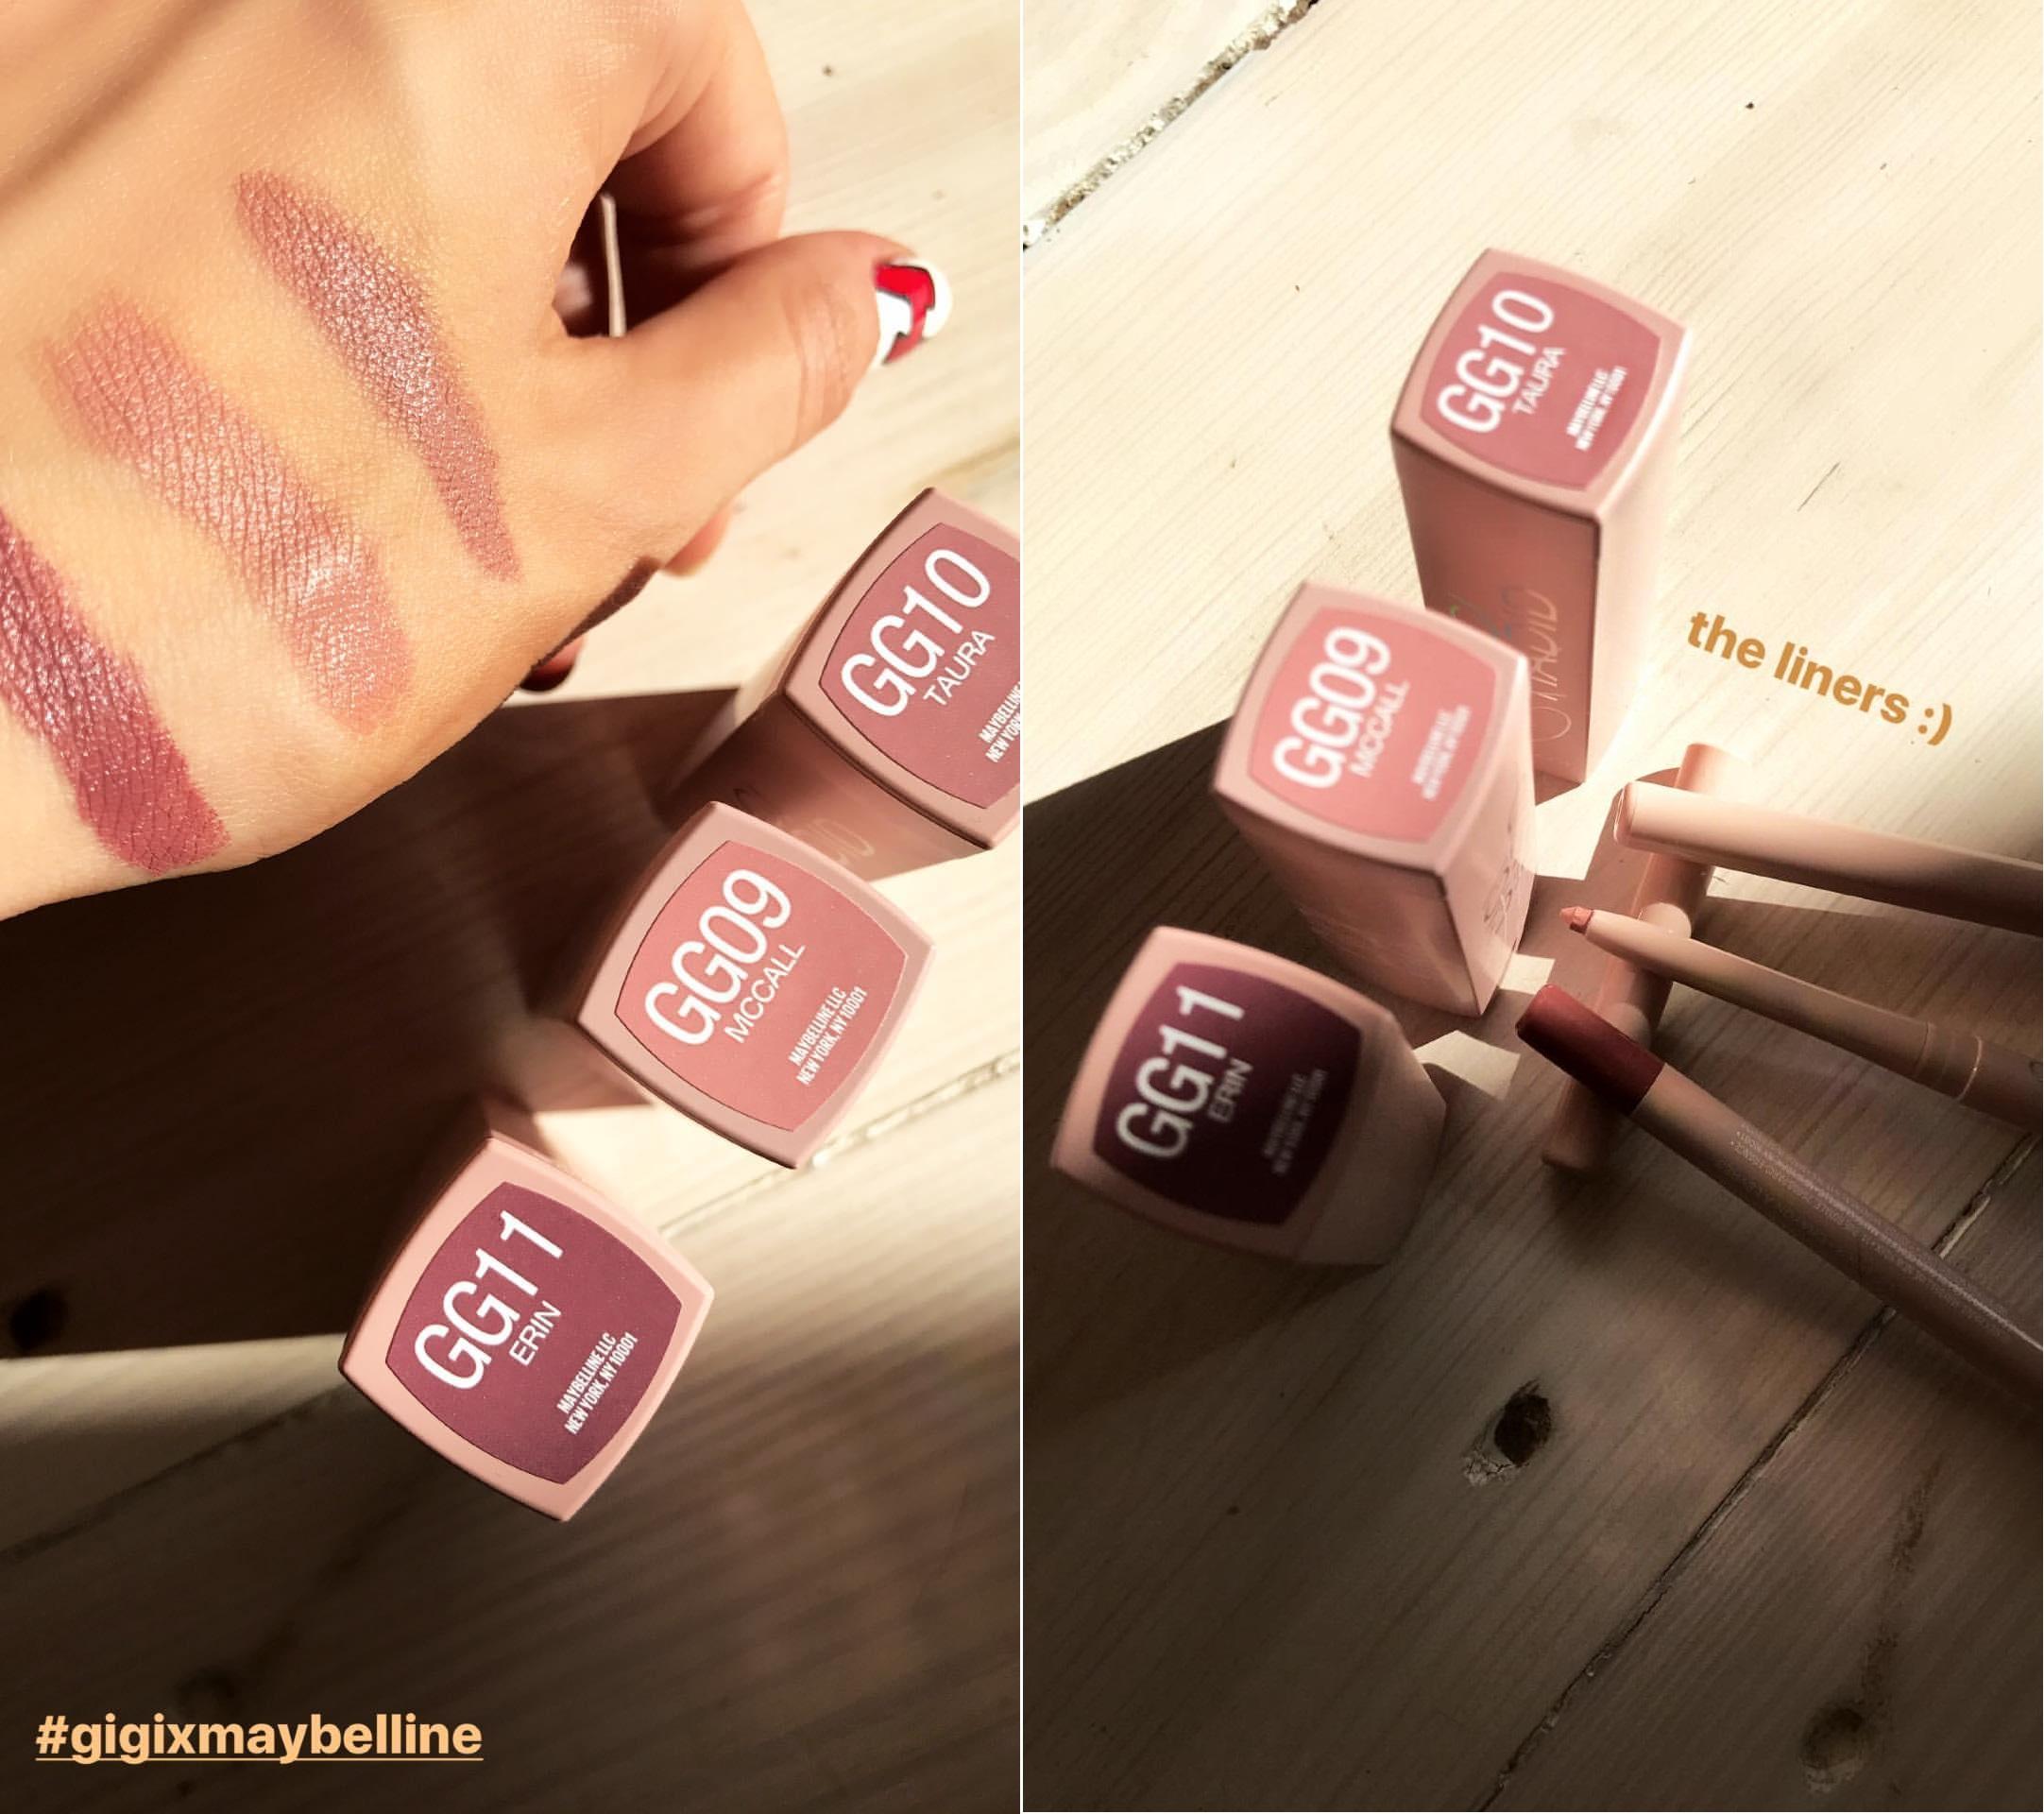 Gigi Hadid ra mắt BST mỹ phẩm hàng khủng đầy đủ từ son lì đến phấn mắt, mascara... - Ảnh 5.